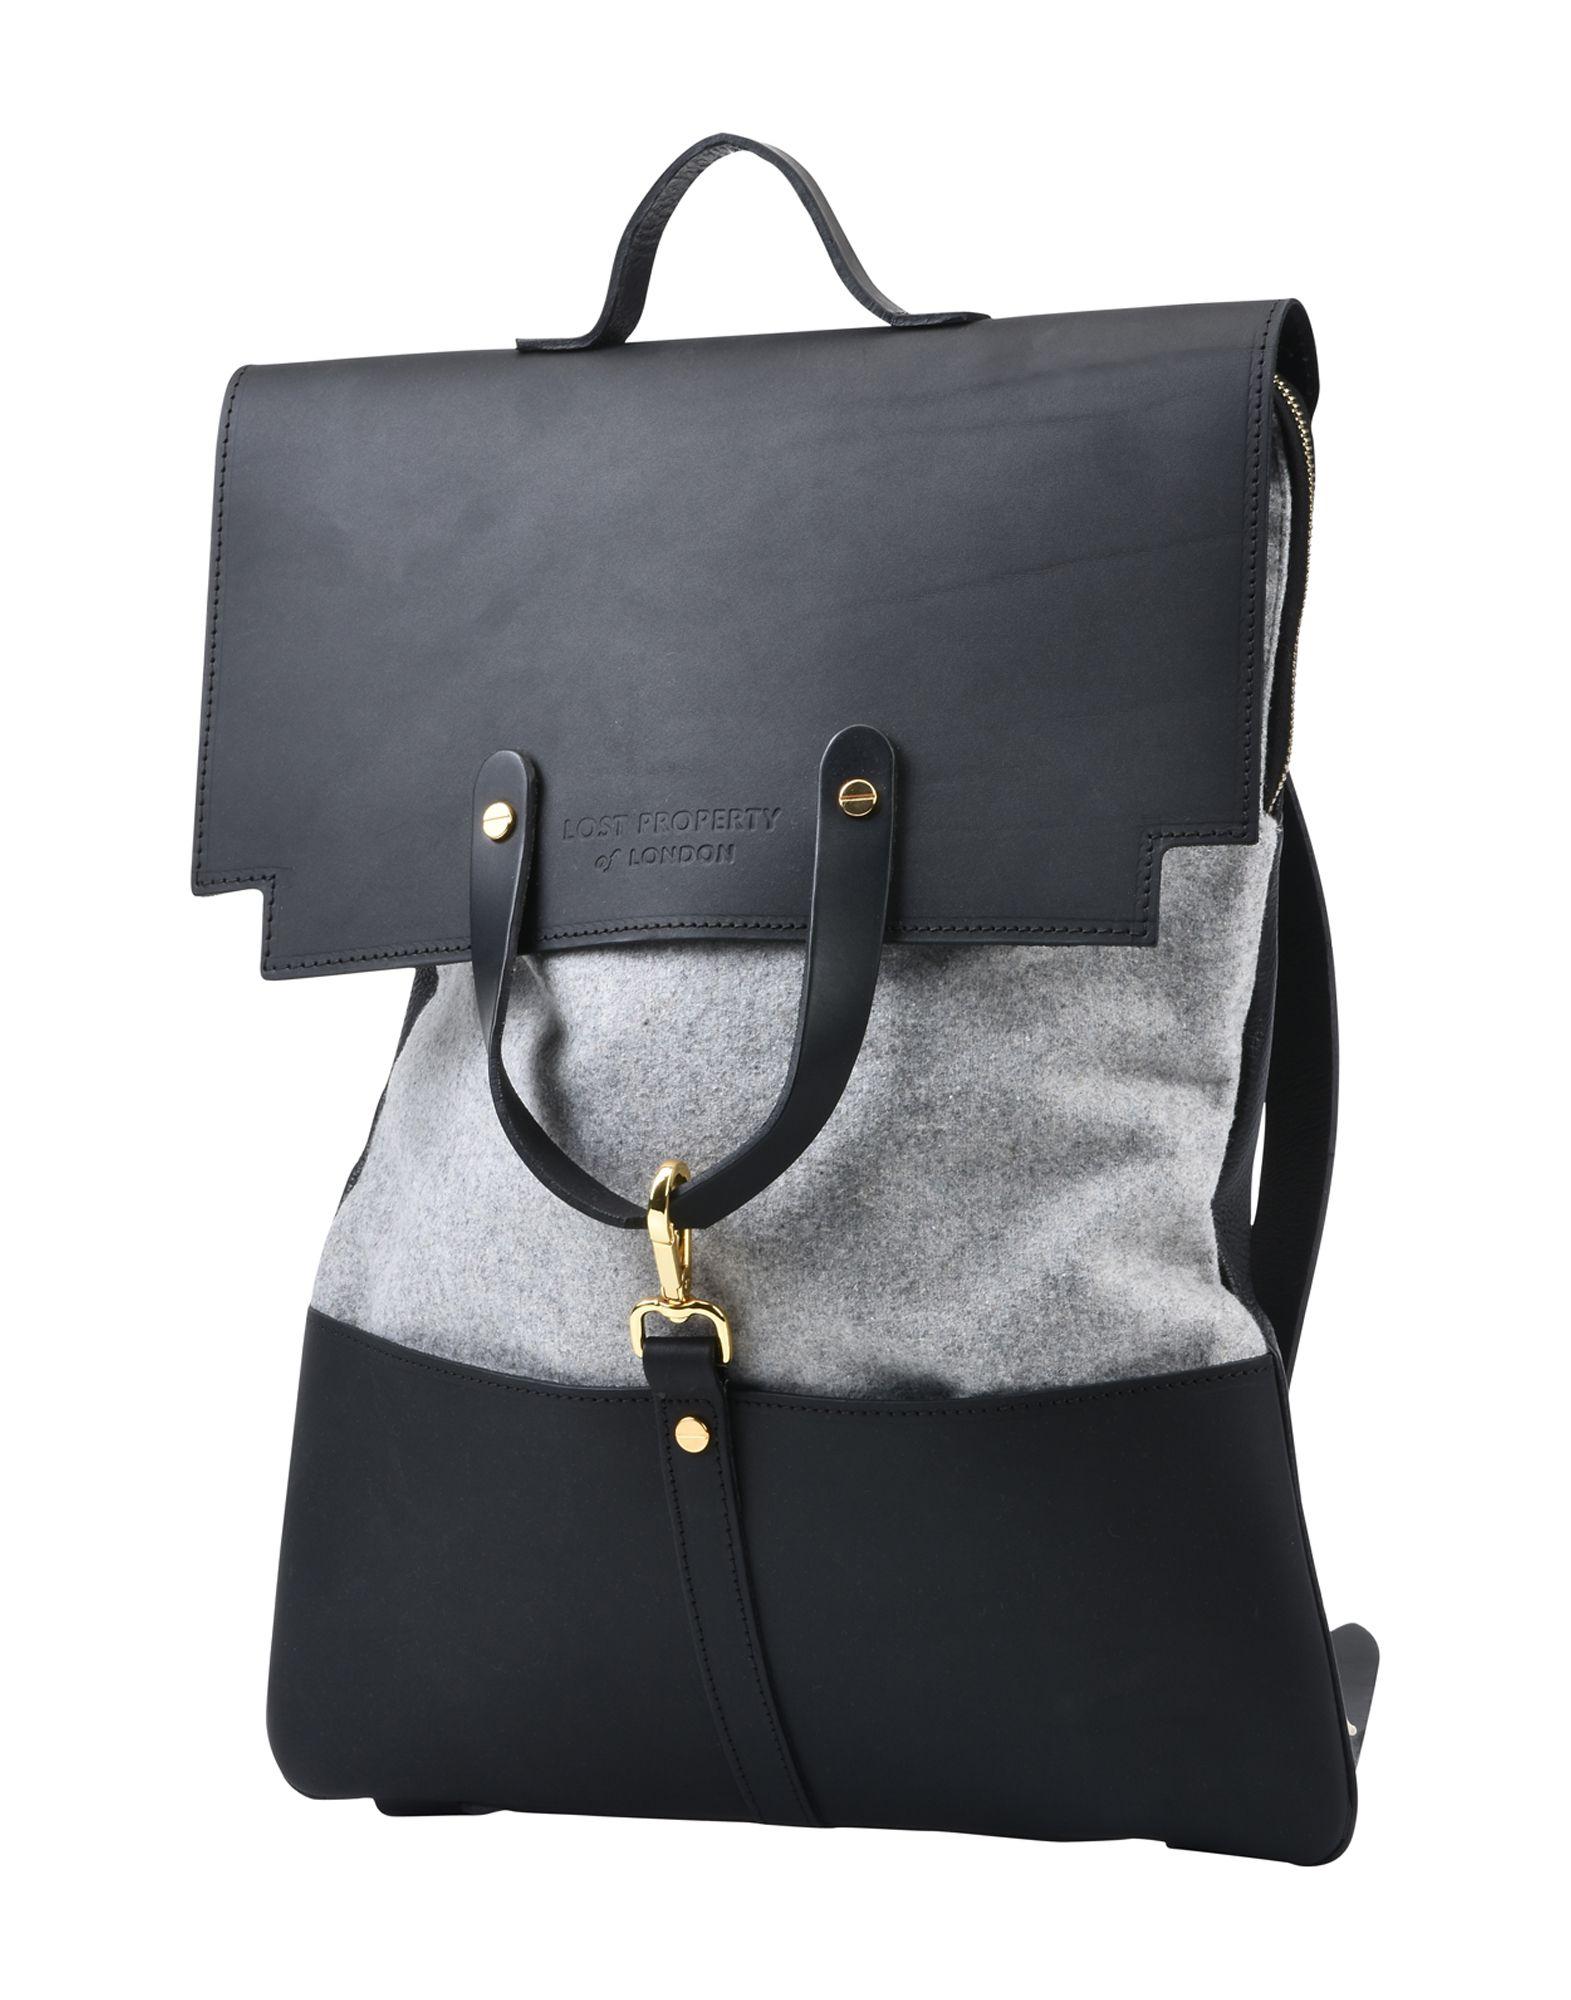 LOST PROPERTY of LONDON Рюкзаки и сумки на пояс стоимость